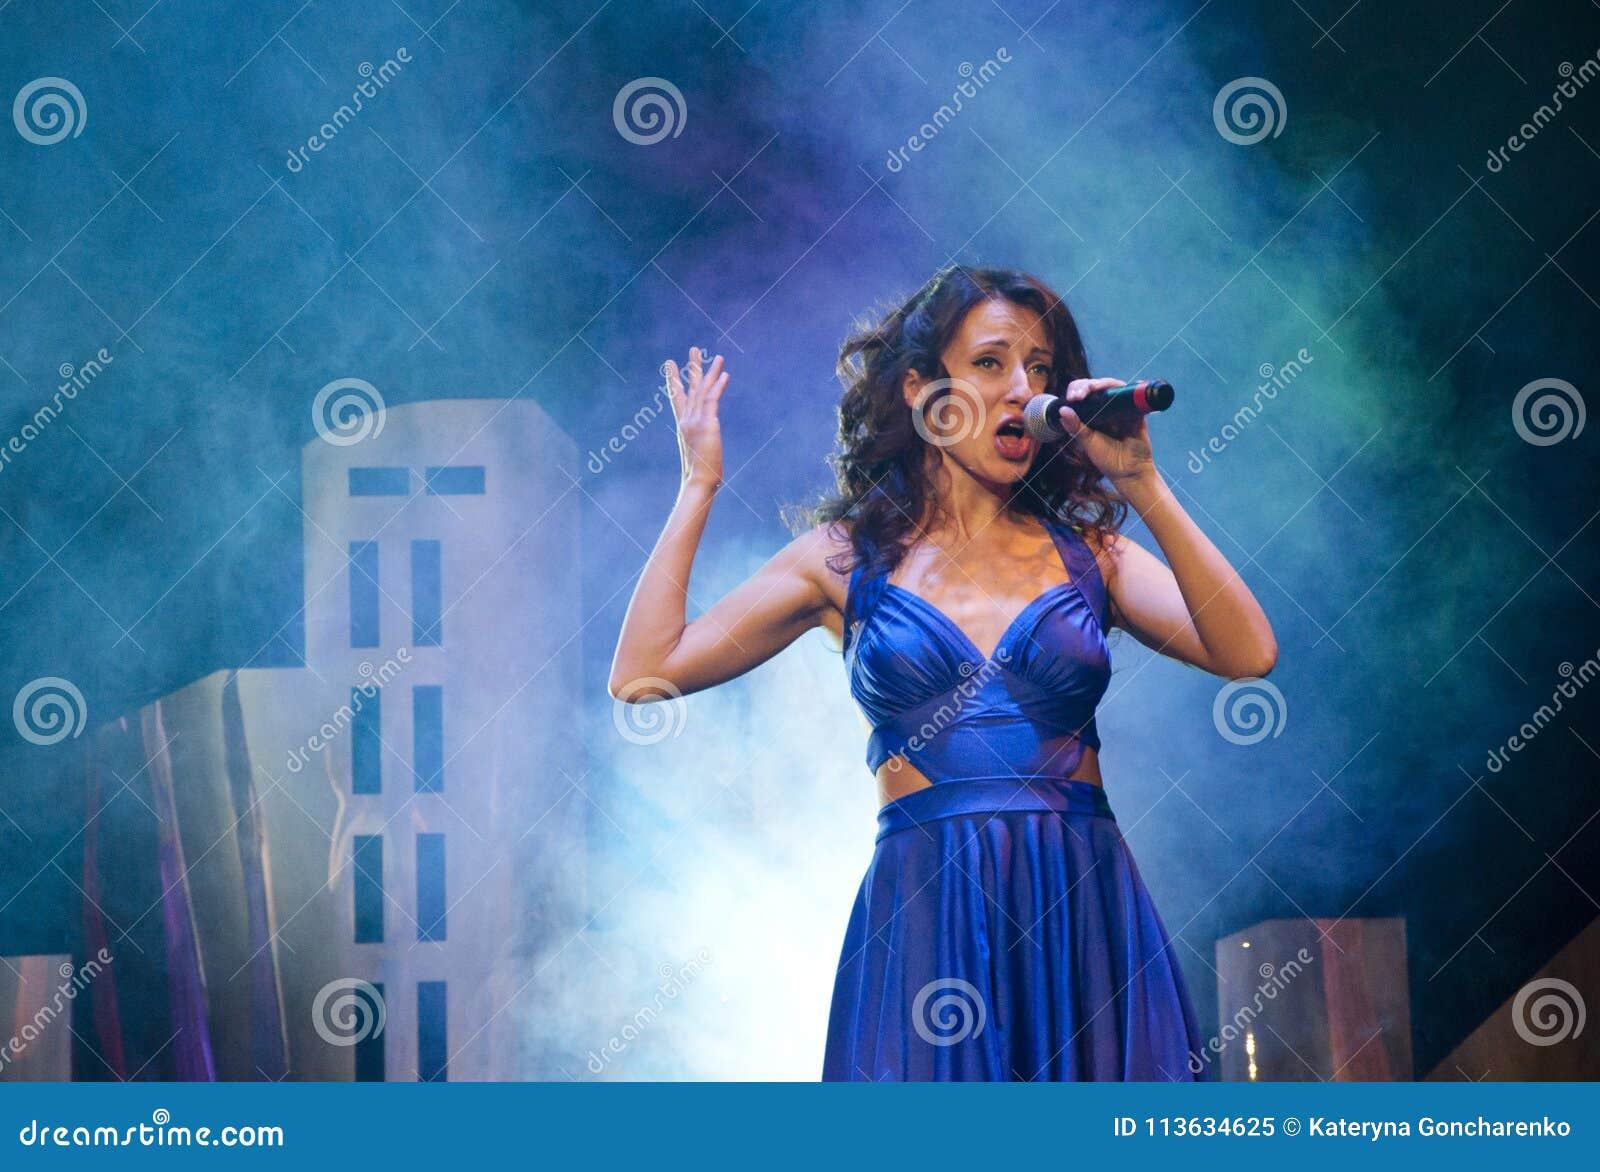 Muzyka i karaoke Piękno i moda, retro i jazzowy żywy występ, studio, koncert, przedstawienie piosenkarz dziewczyna w błękit sukni